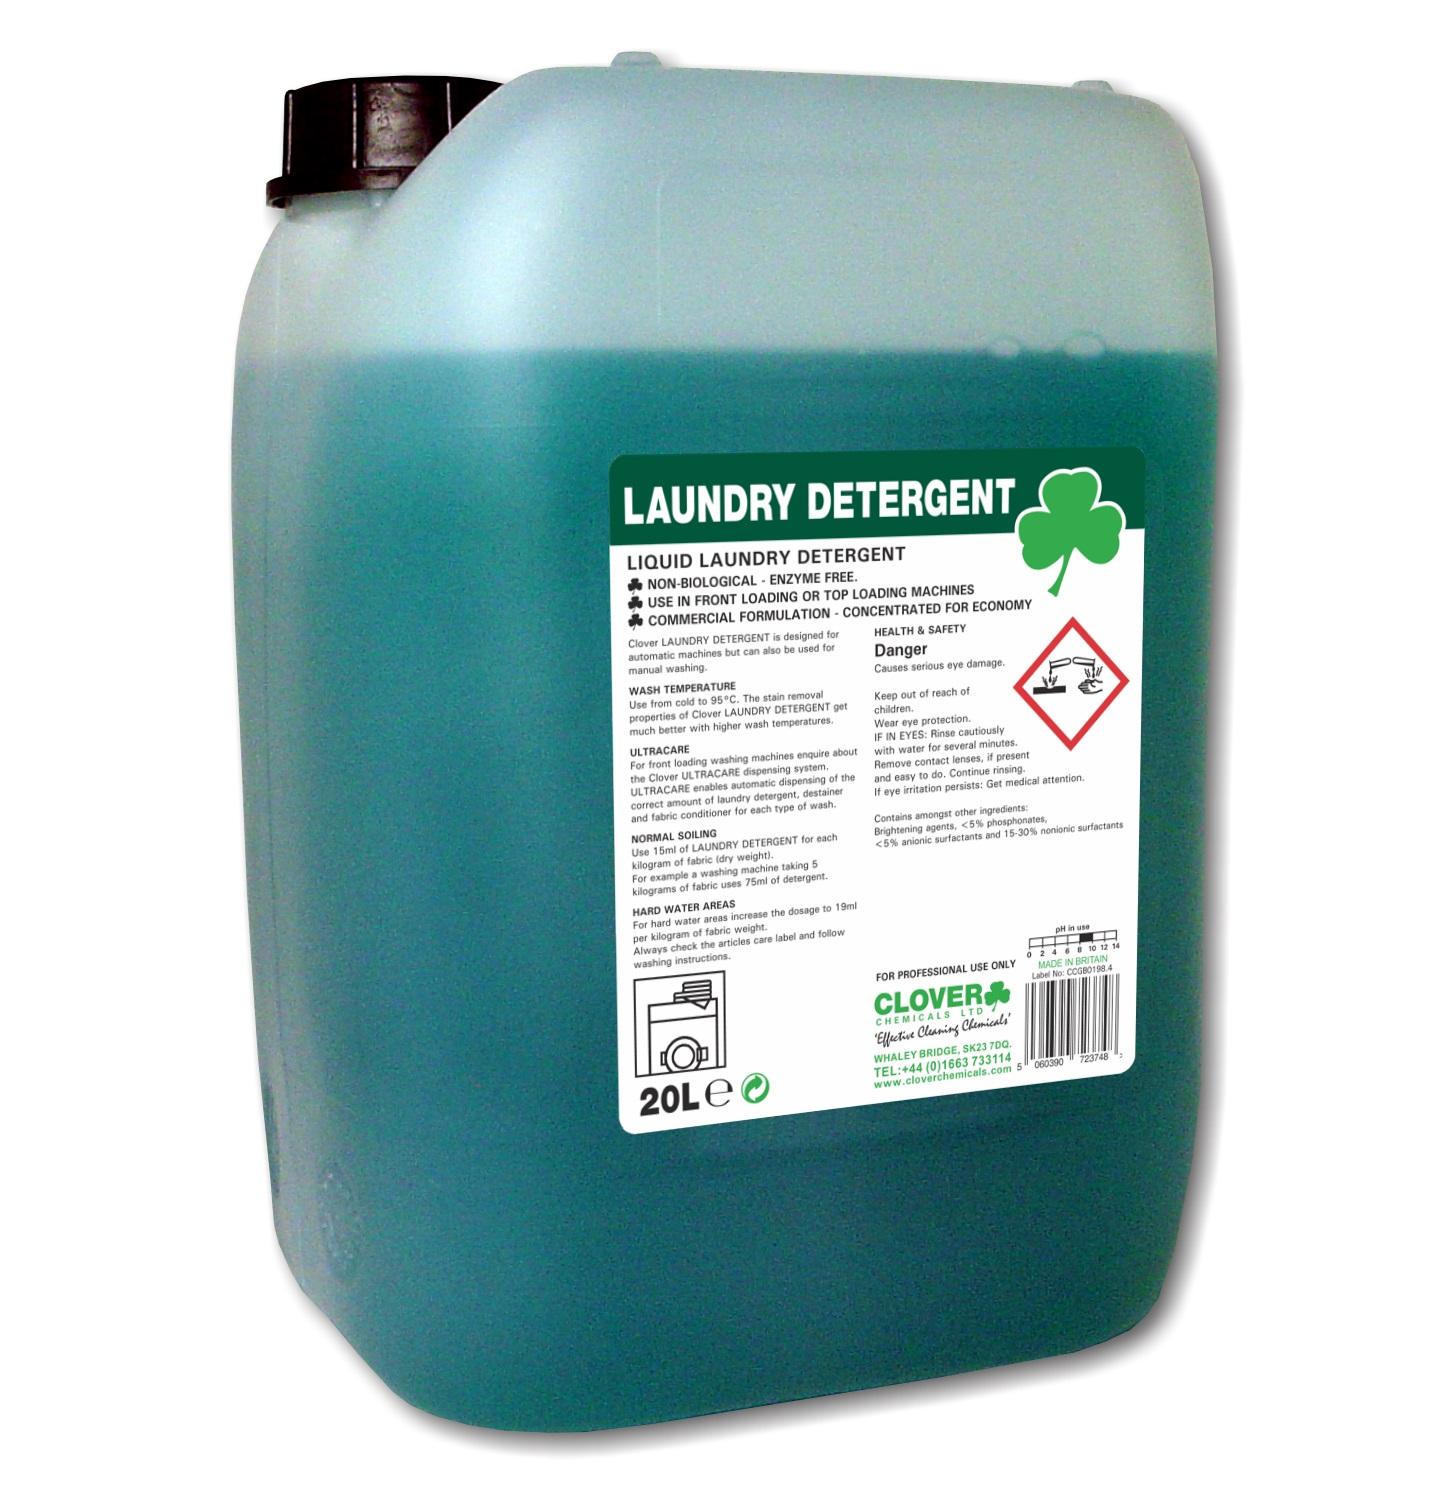 Laundry-Detergent-20litre